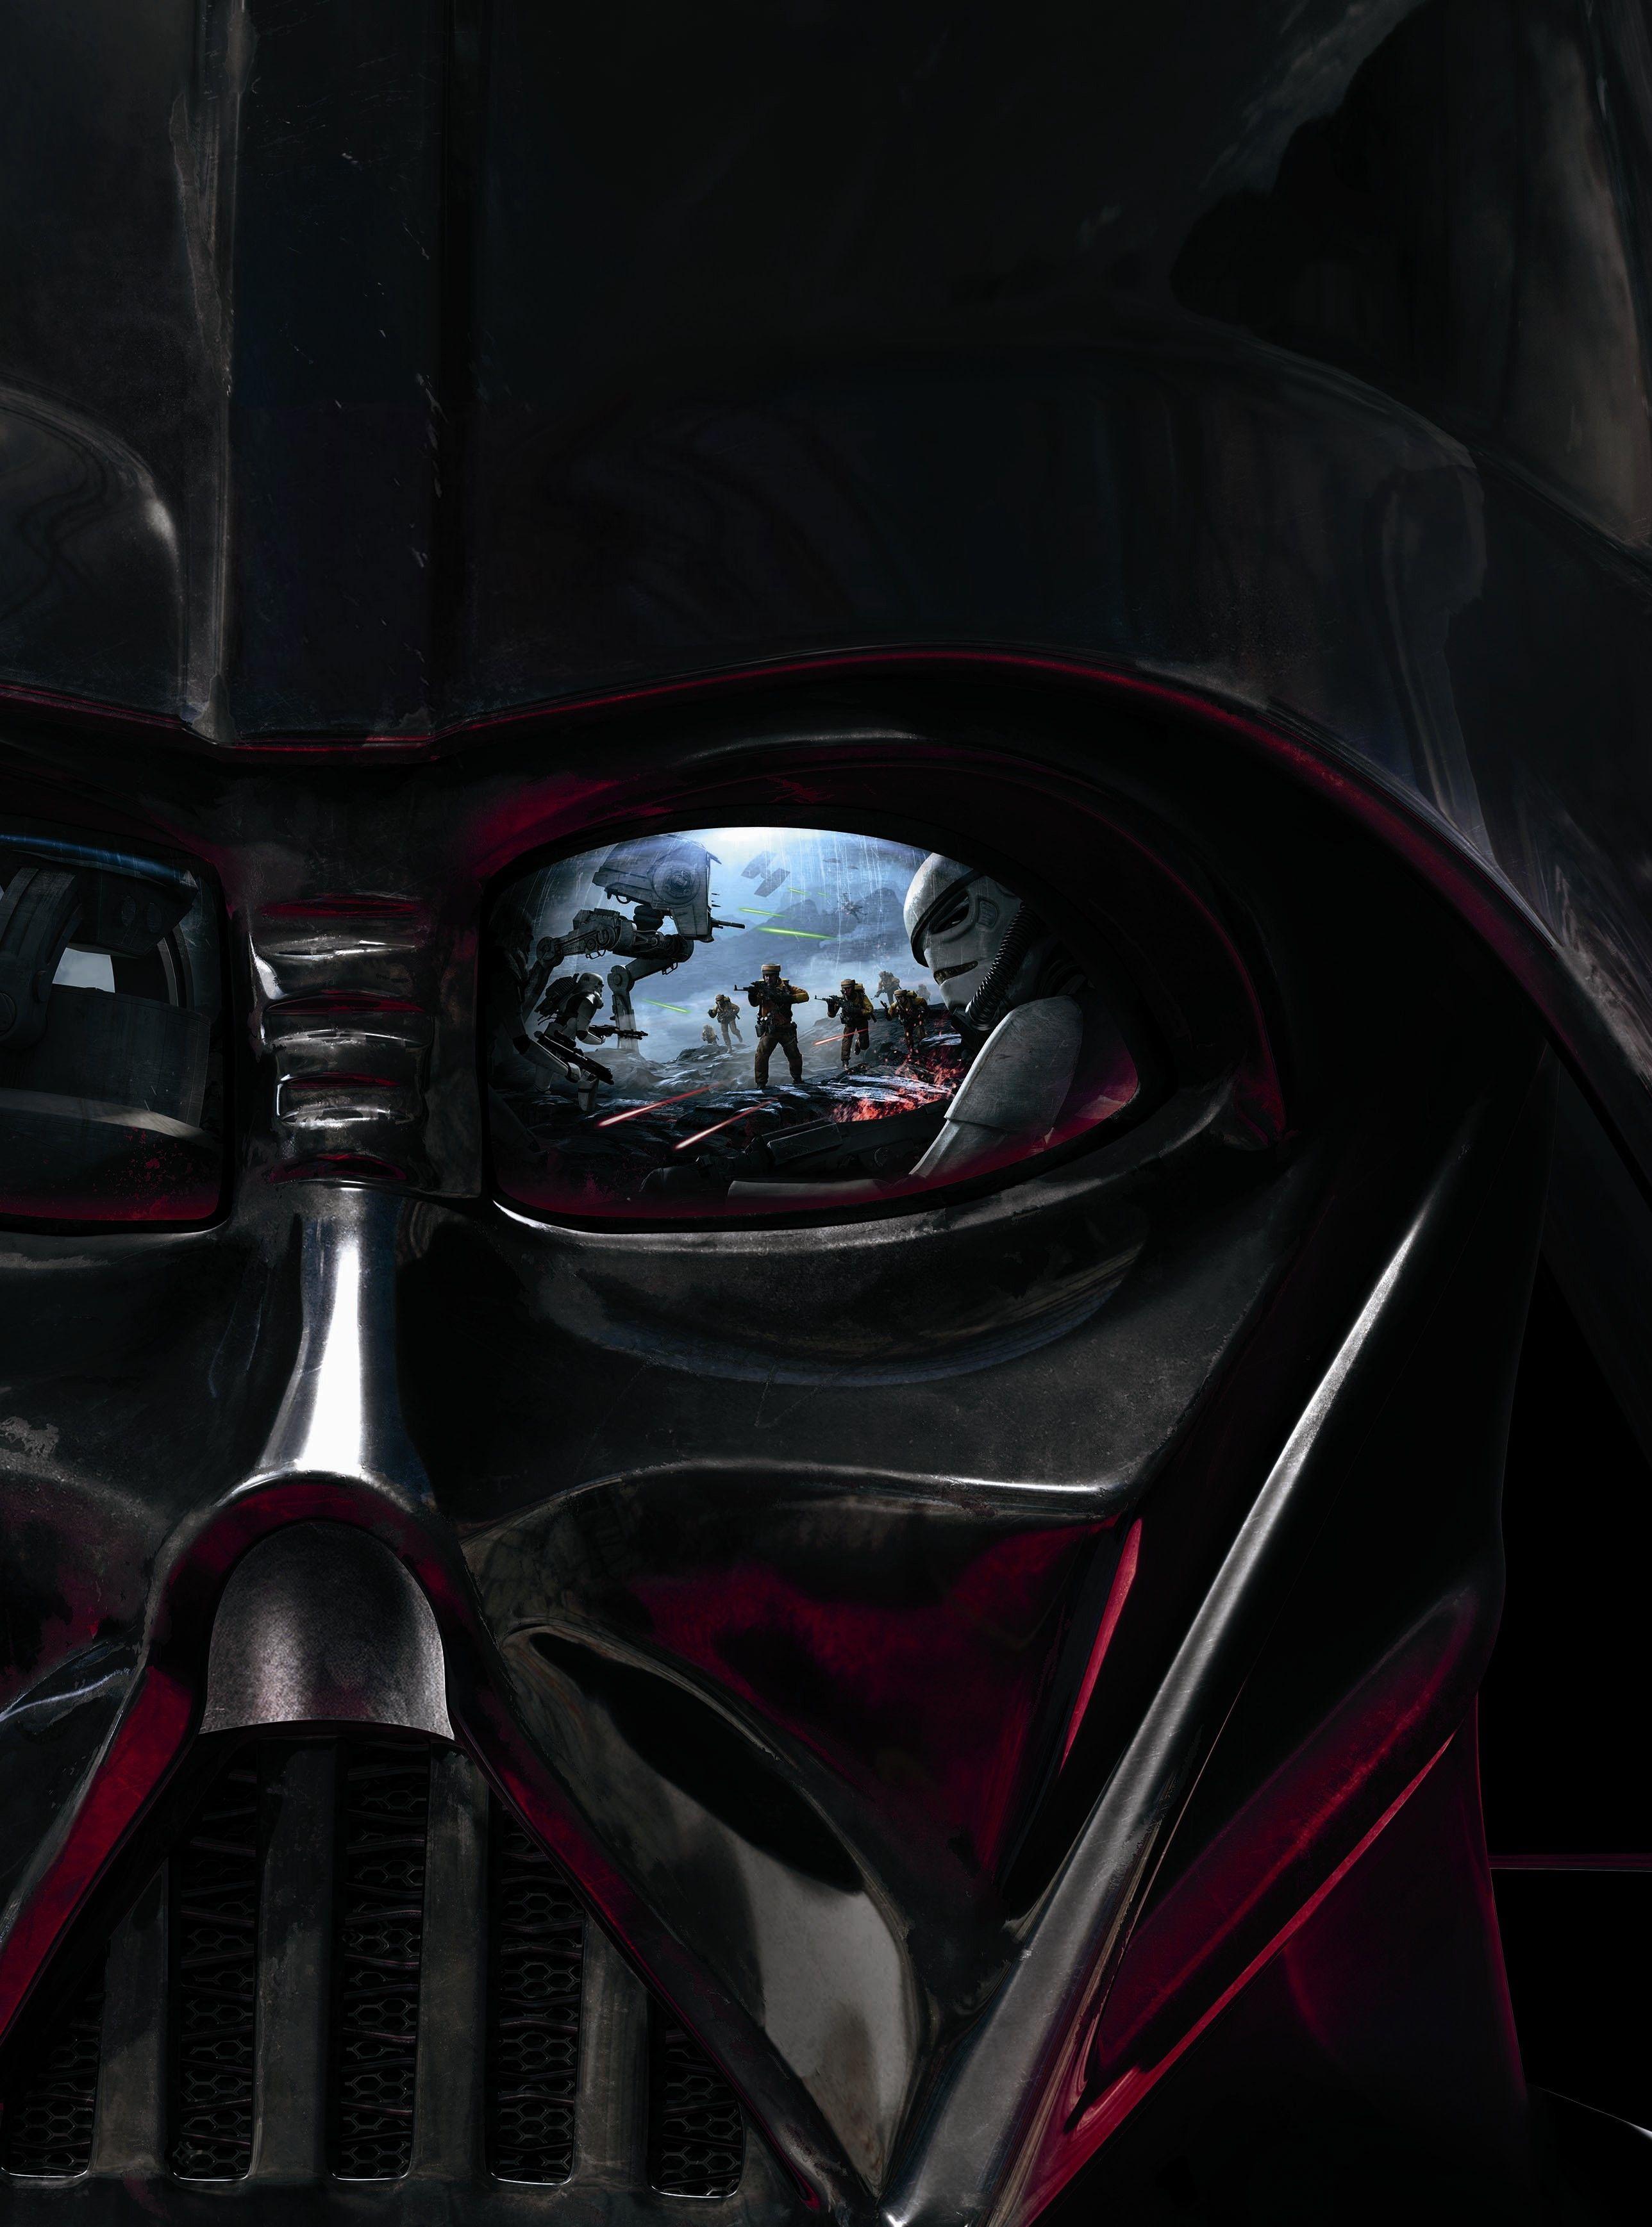 Battlefront Vader [Hi-Res Textless Poster] by Lightsabered.deviantart.com on @DeviantArt